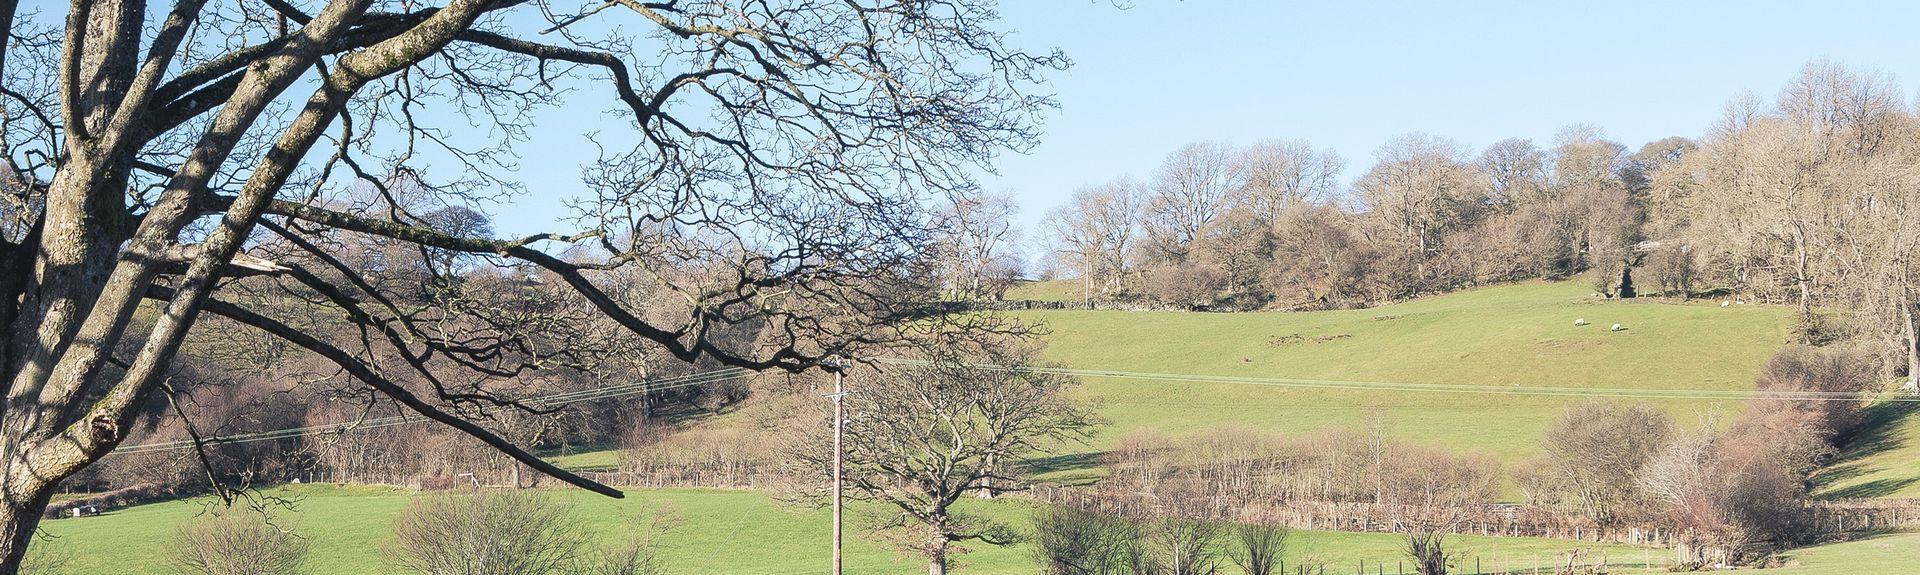 Llanfair-Dyffryn-Clwyd, Wales, Verenigd Koninkrijk